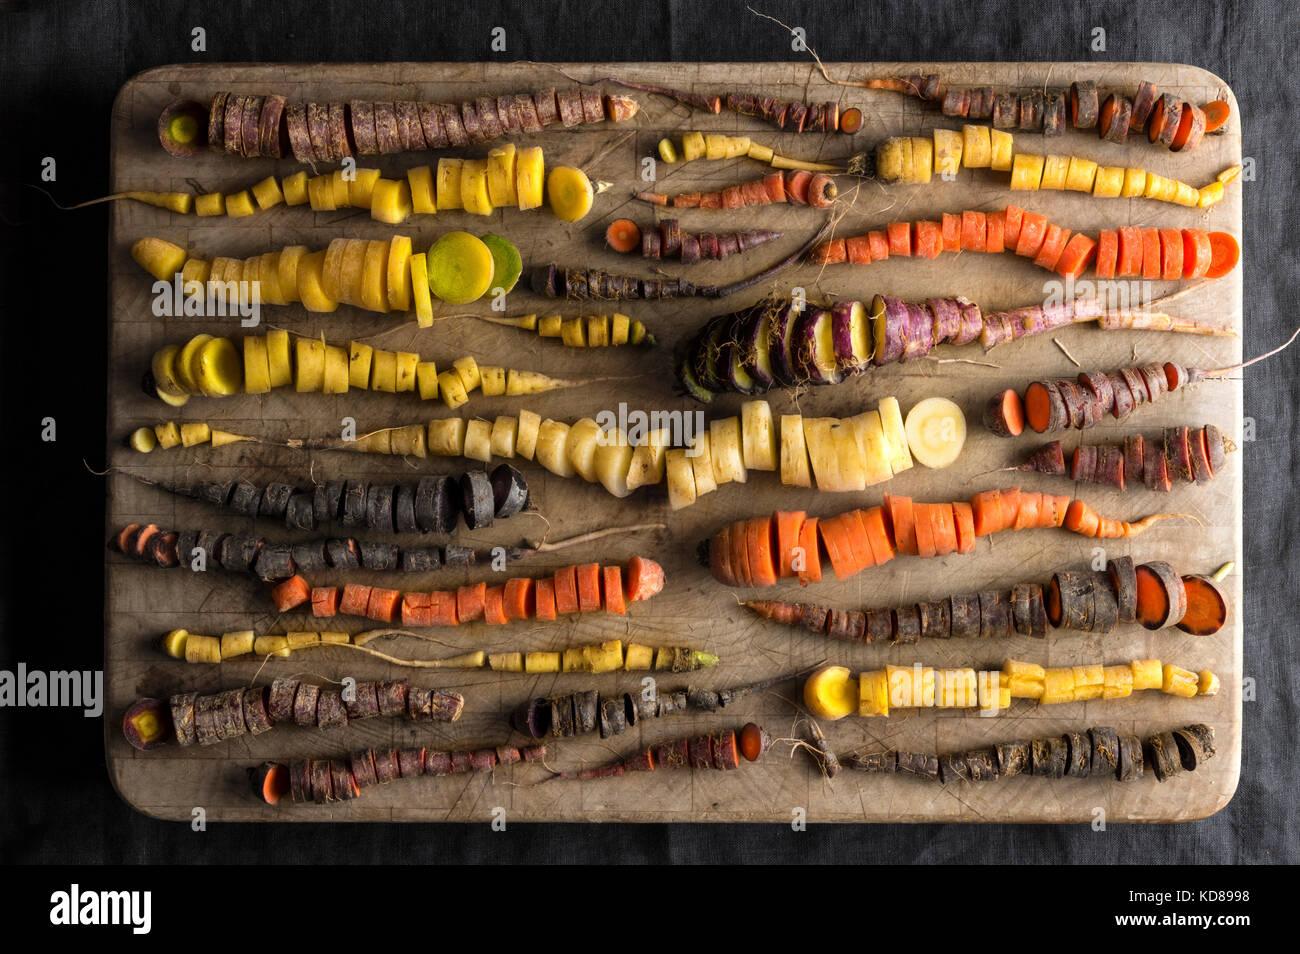 Ein Array von Rainbow Karotten in vielen Formen und Farben, alle fein auf einen verschlissenen Holz Hackklotz gehackt. Stockbild